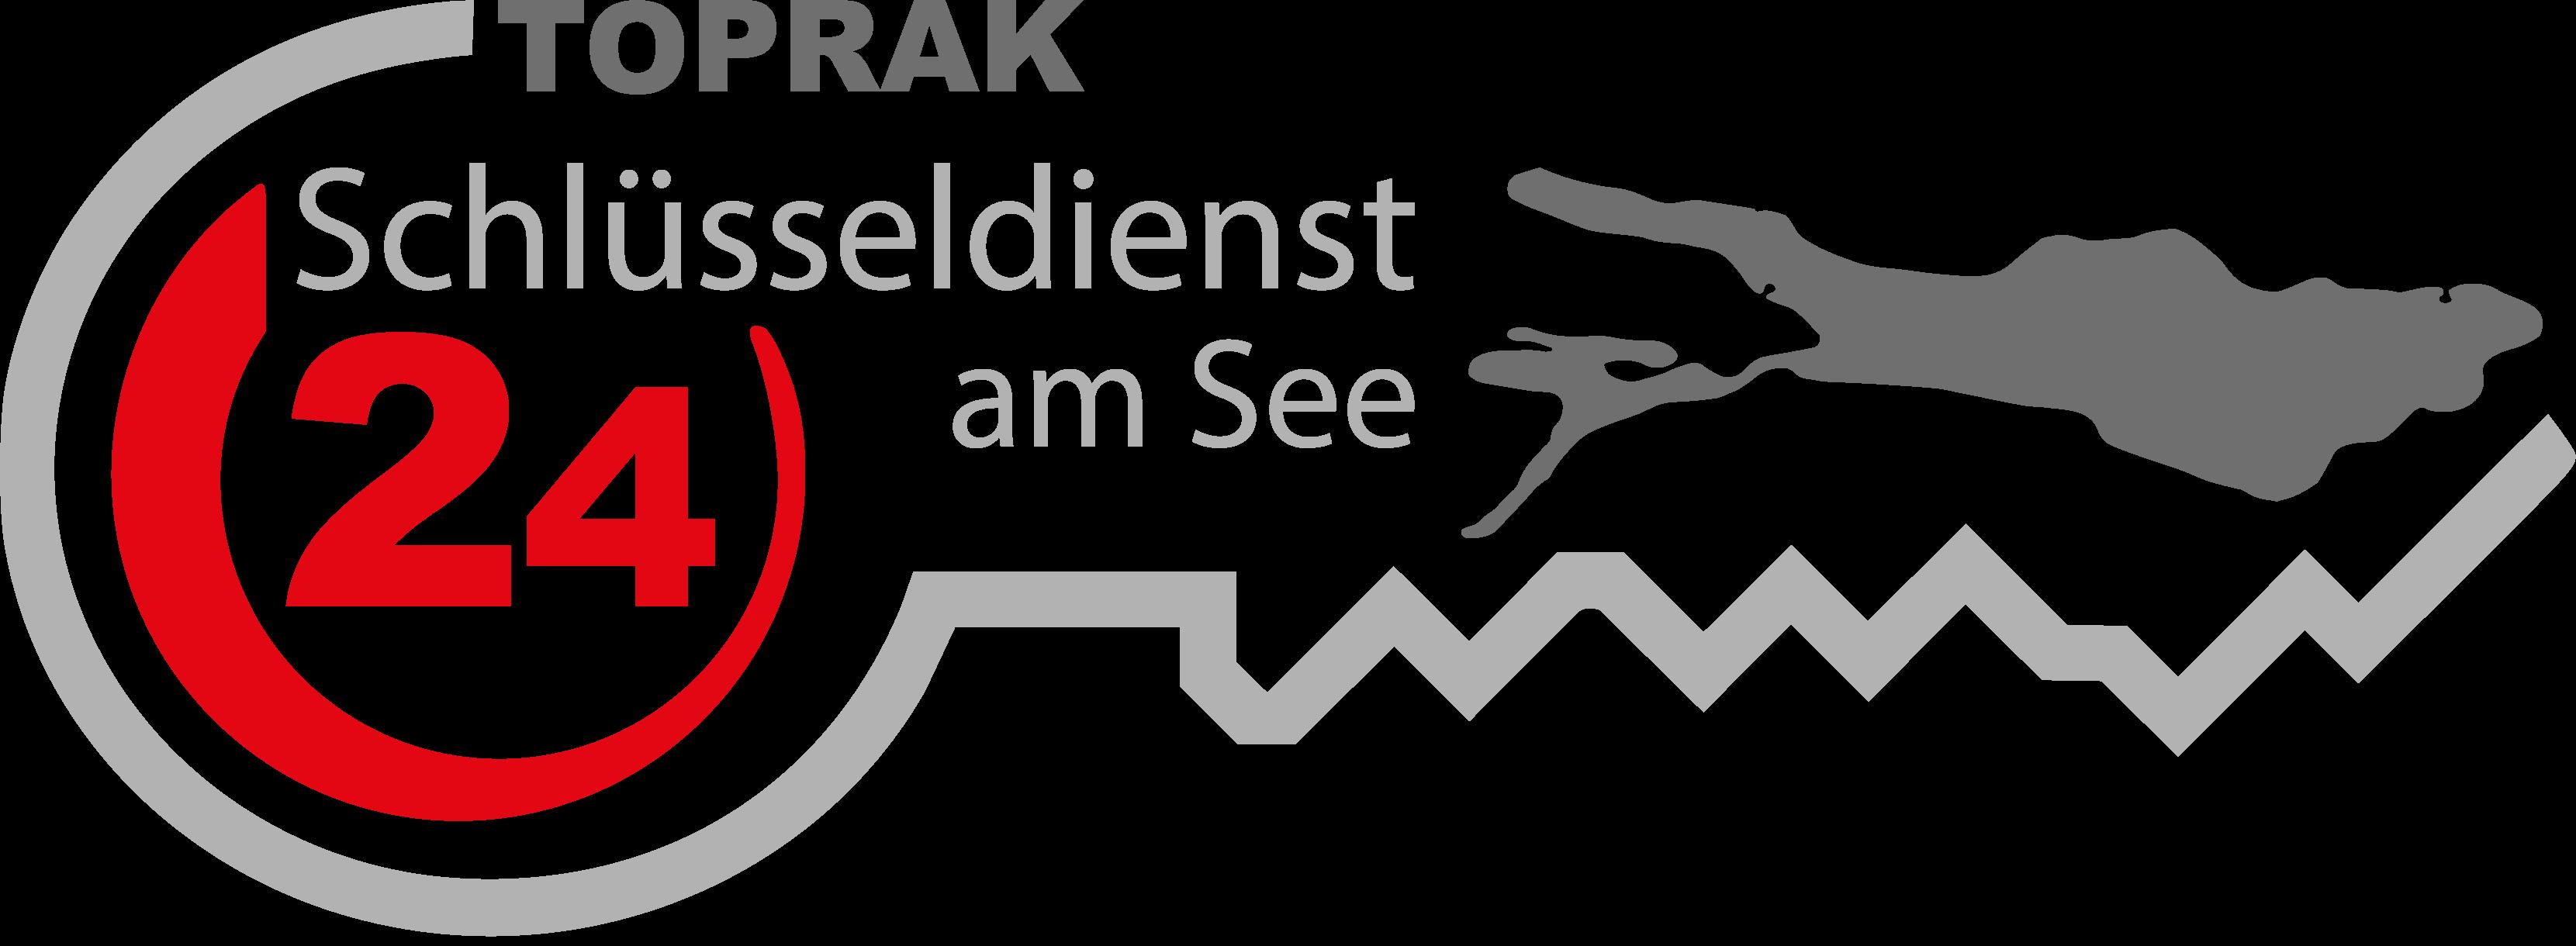 Toprak Schlüsseldienst Logo transparent